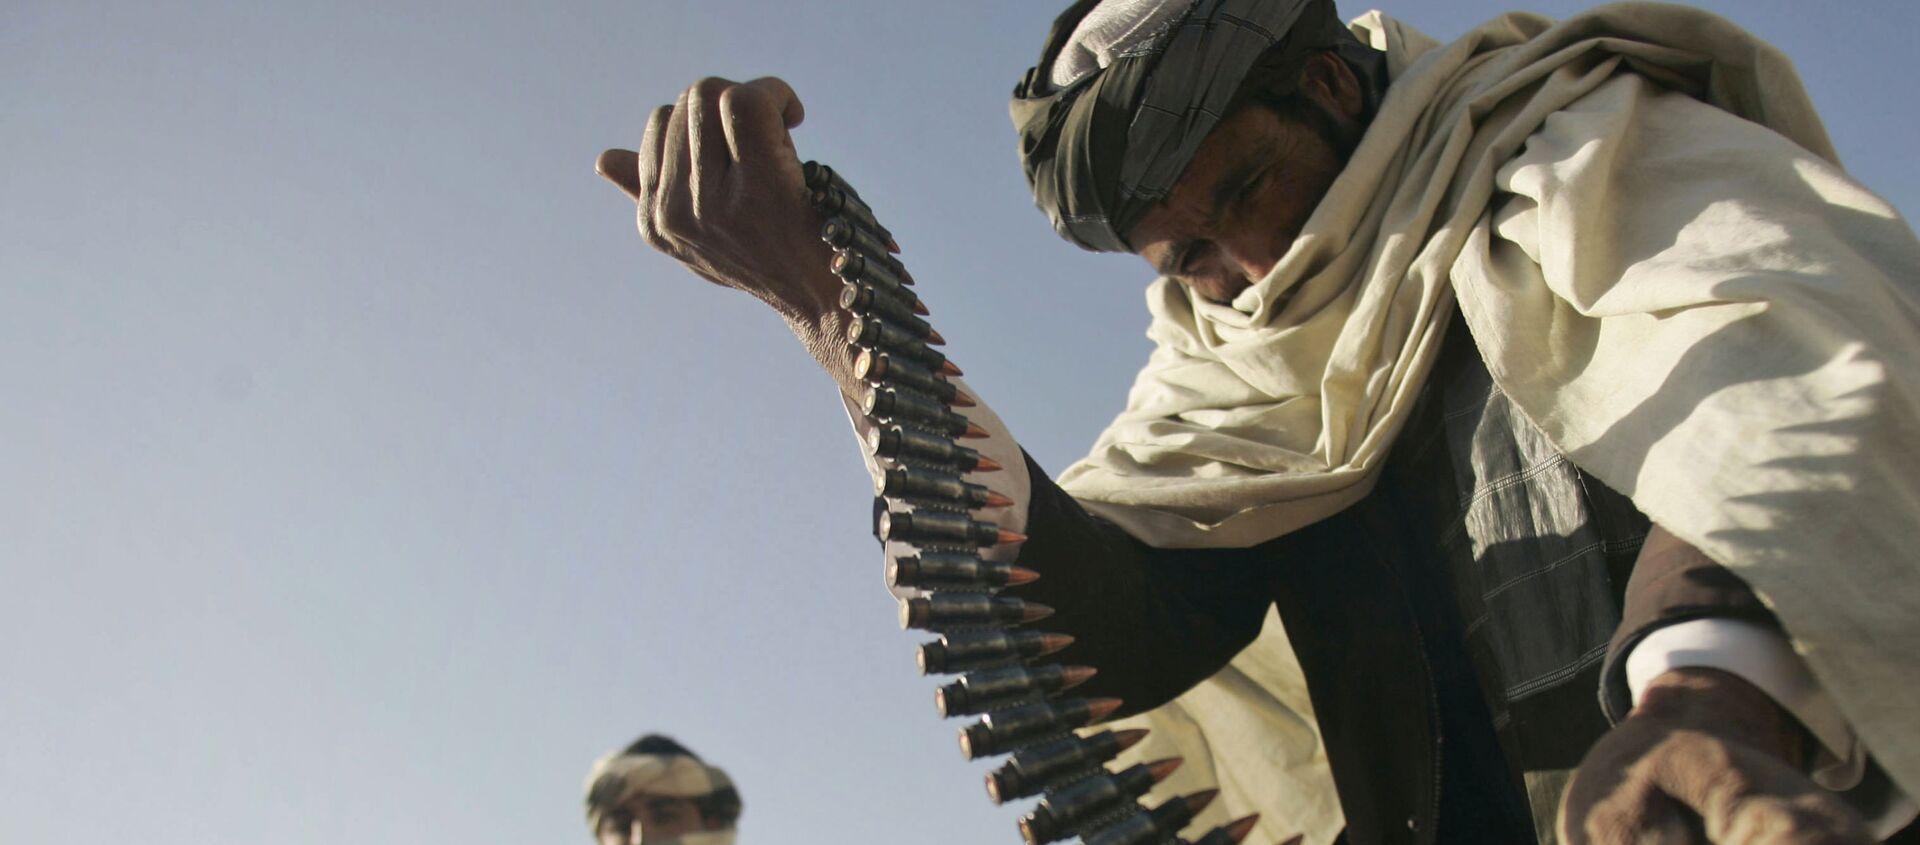 Cựu chiến binh Taliban cầm băng đạn trong tay - Sputnik Việt Nam, 1920, 02.08.2021